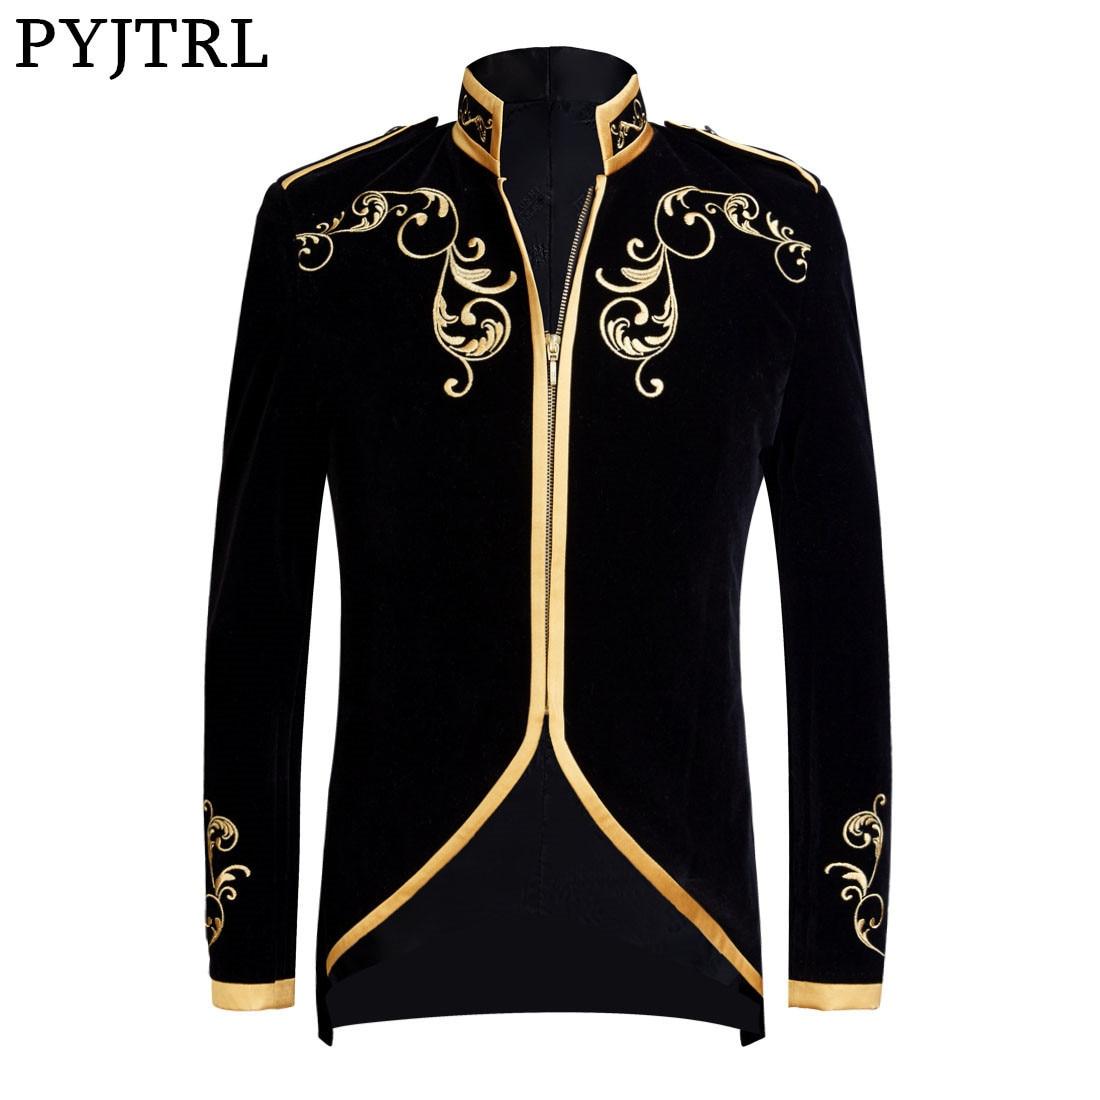 PYJTRL estilo británico Palacio príncipe de moda de terciopelo negro oro bordado chaqueta novio de boda Boda de chaqueta de traje de corte Slim de cantantes abrigo